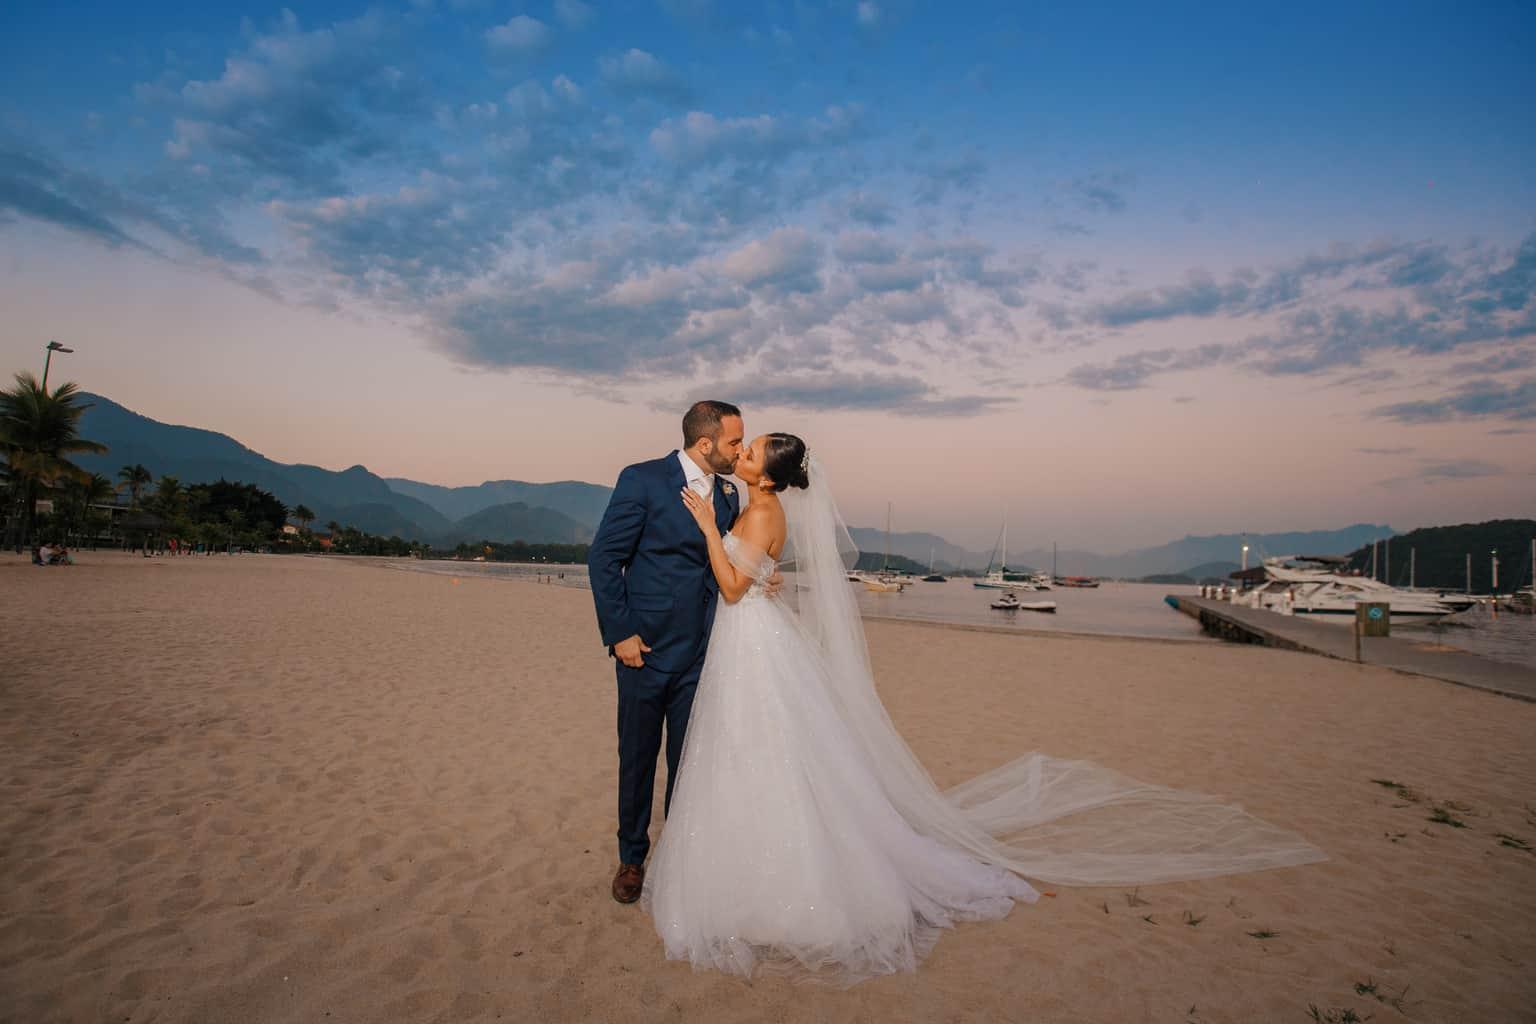 Casamento-Alissa-e-Gustavo-Cerimonial-Manu-Goncalez-Decor-Andrea-Kapps-Fasano-Angra-dos-Reis-Foto-VRebel-fotos-do-casal3762